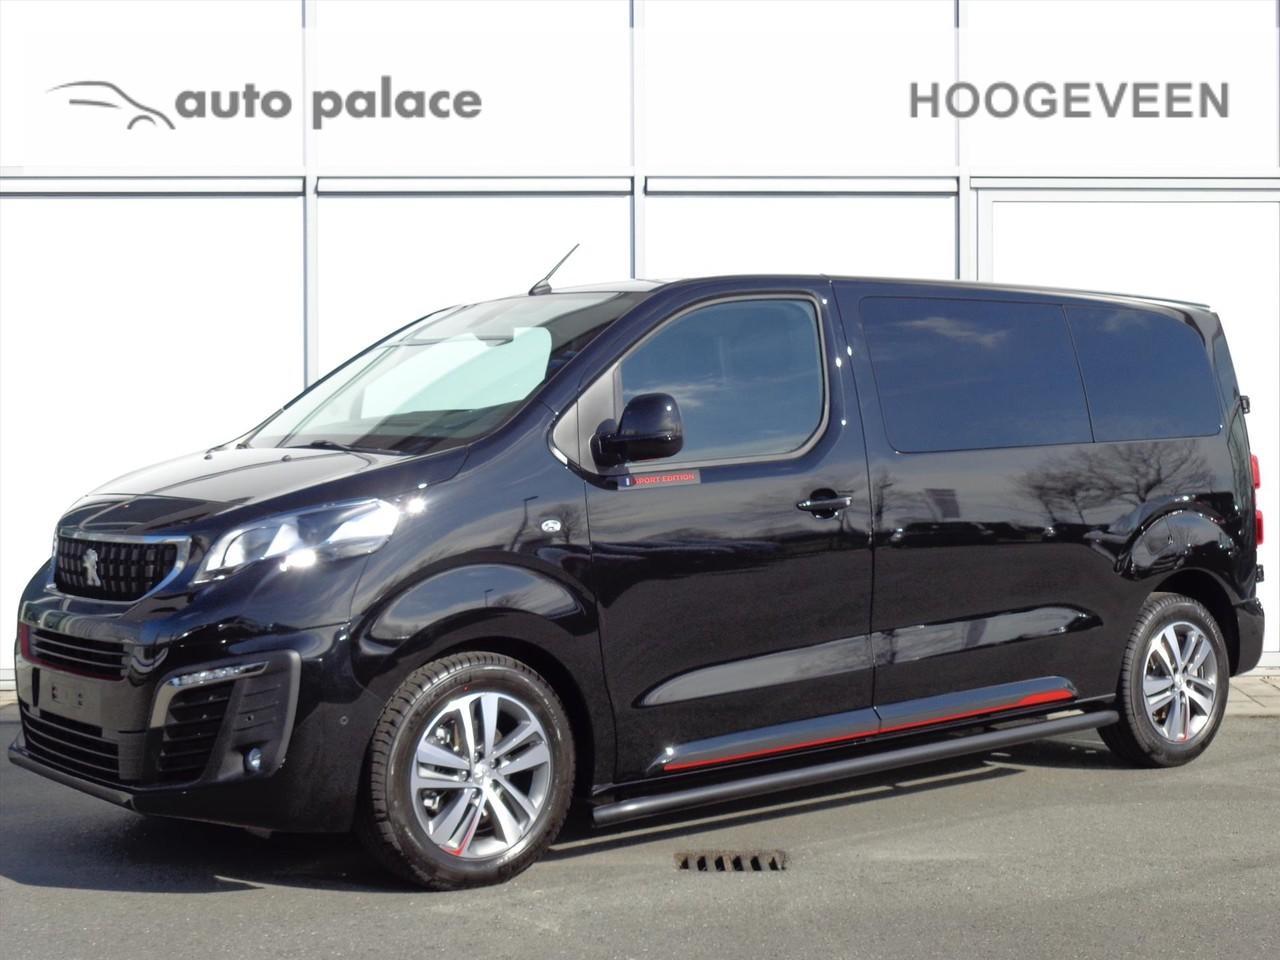 Peugeot Expert Sport edition 227s 2.0 180pk 3p automaat navigatie leer